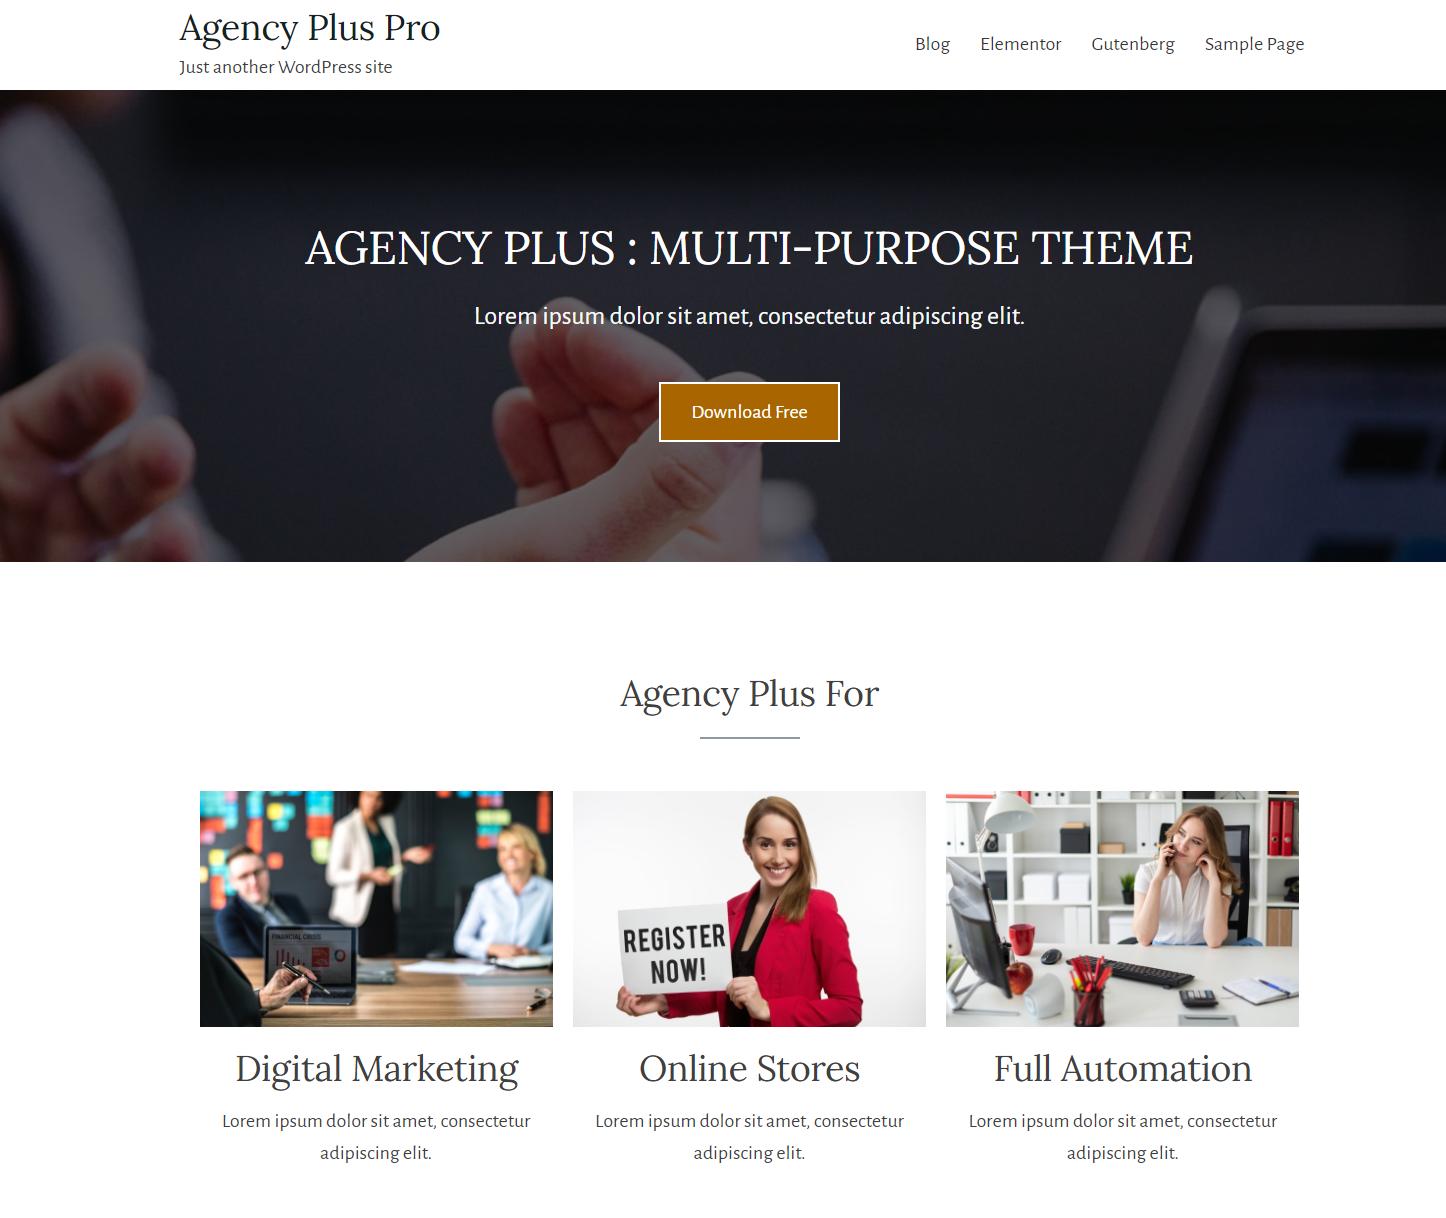 agency plus pro